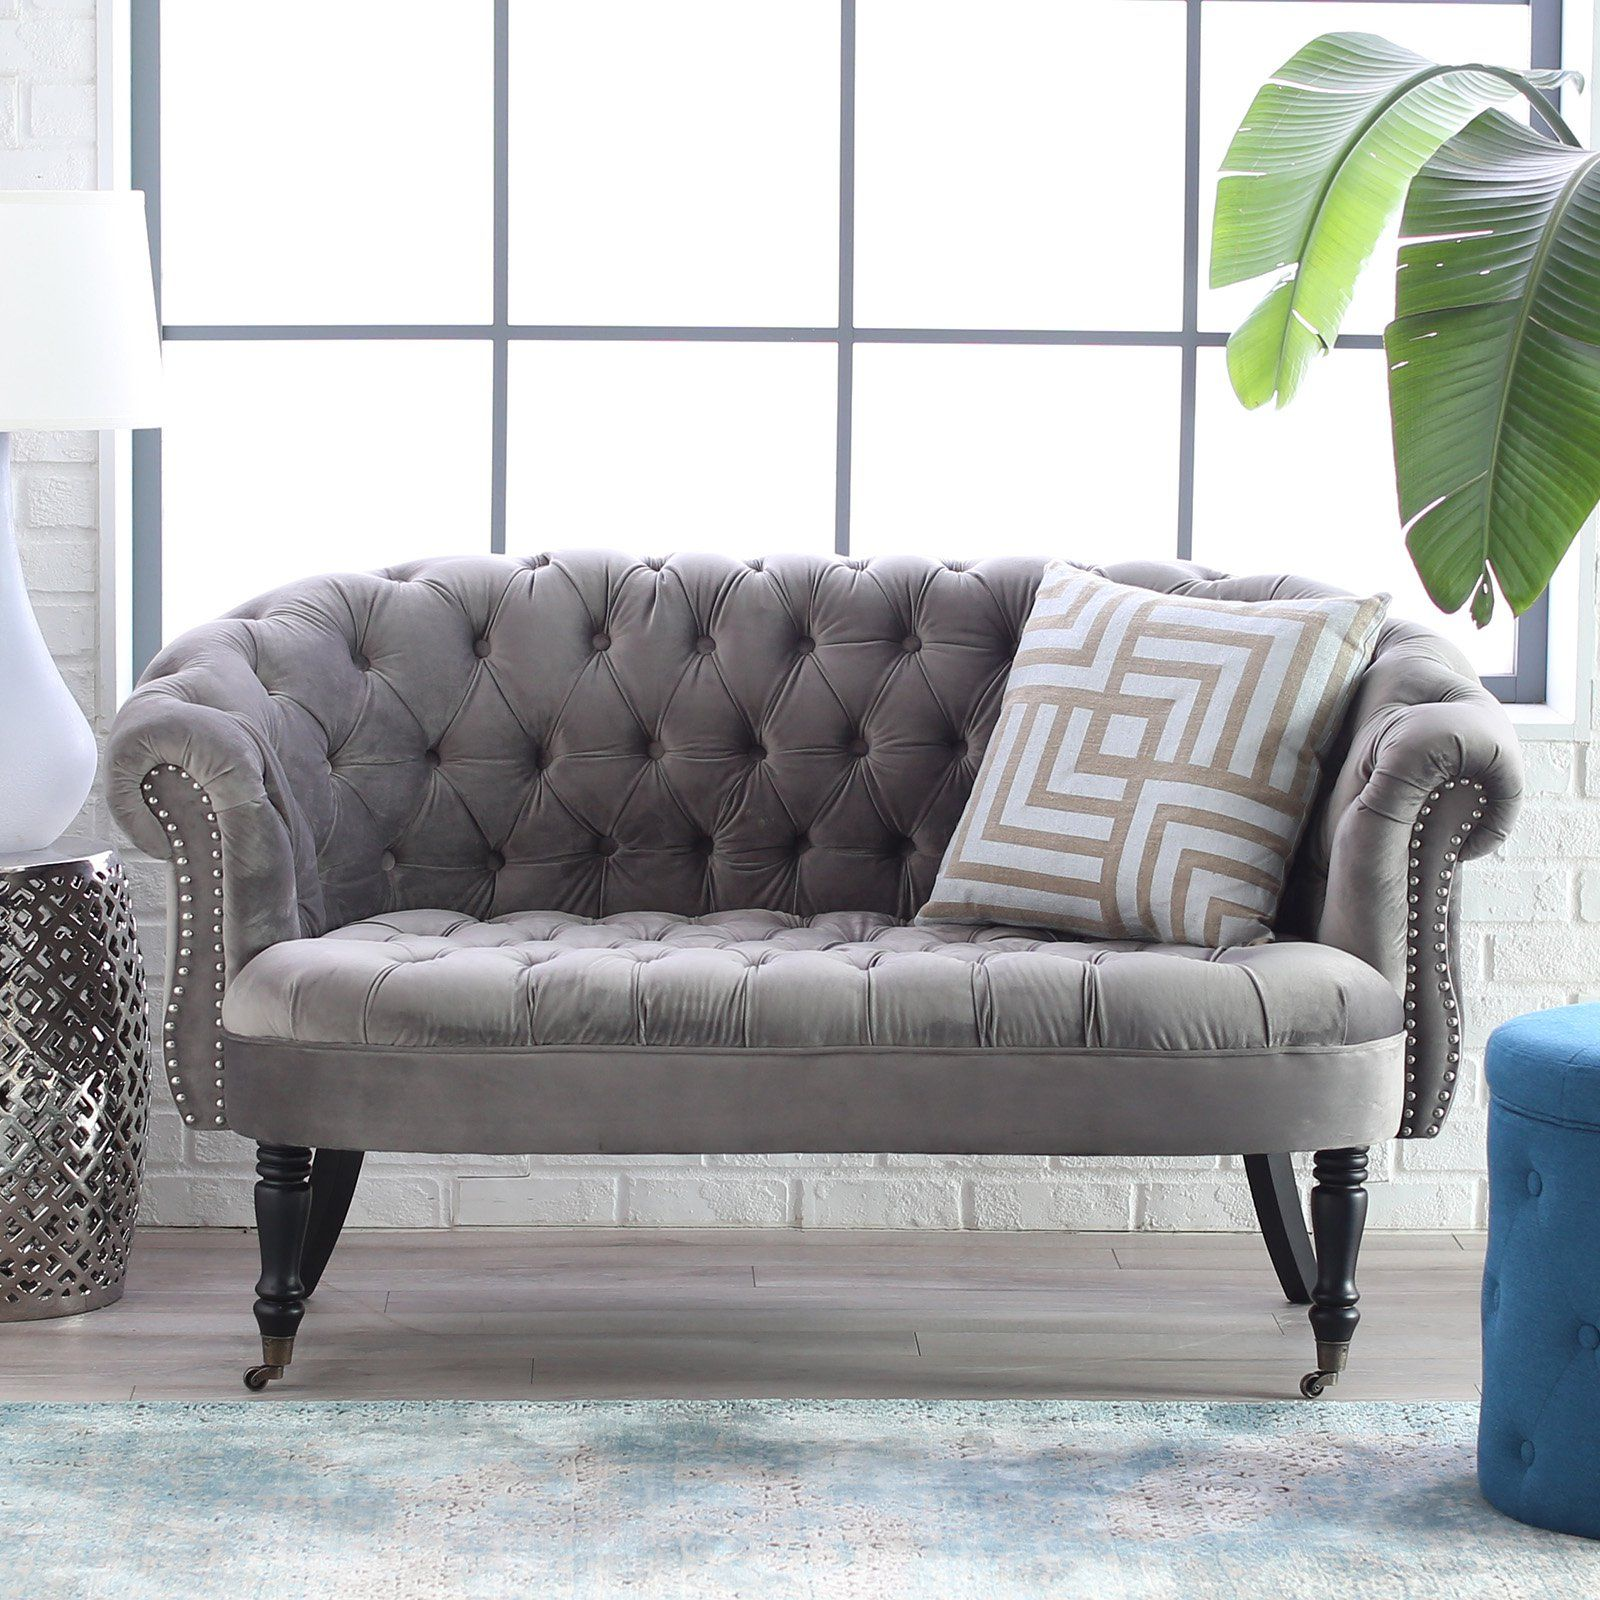 Belham Living Margo Tufted Mini Sofa